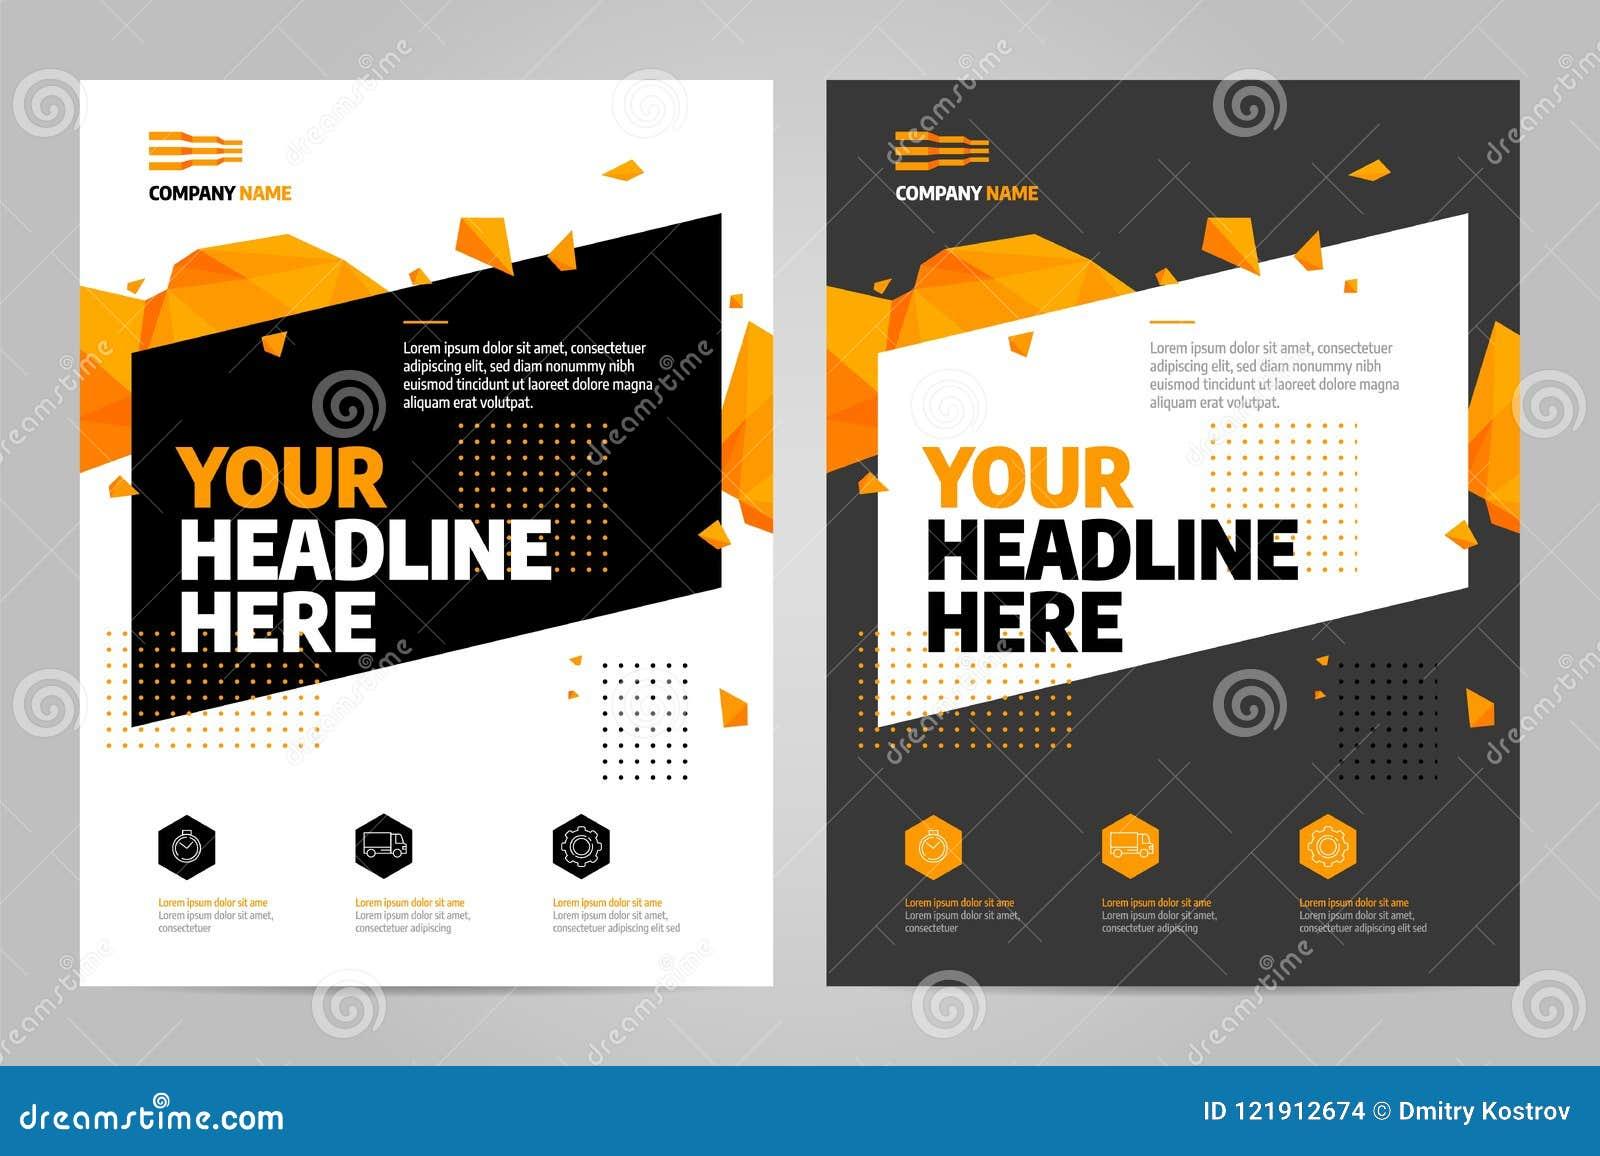 Brochure design template vector.